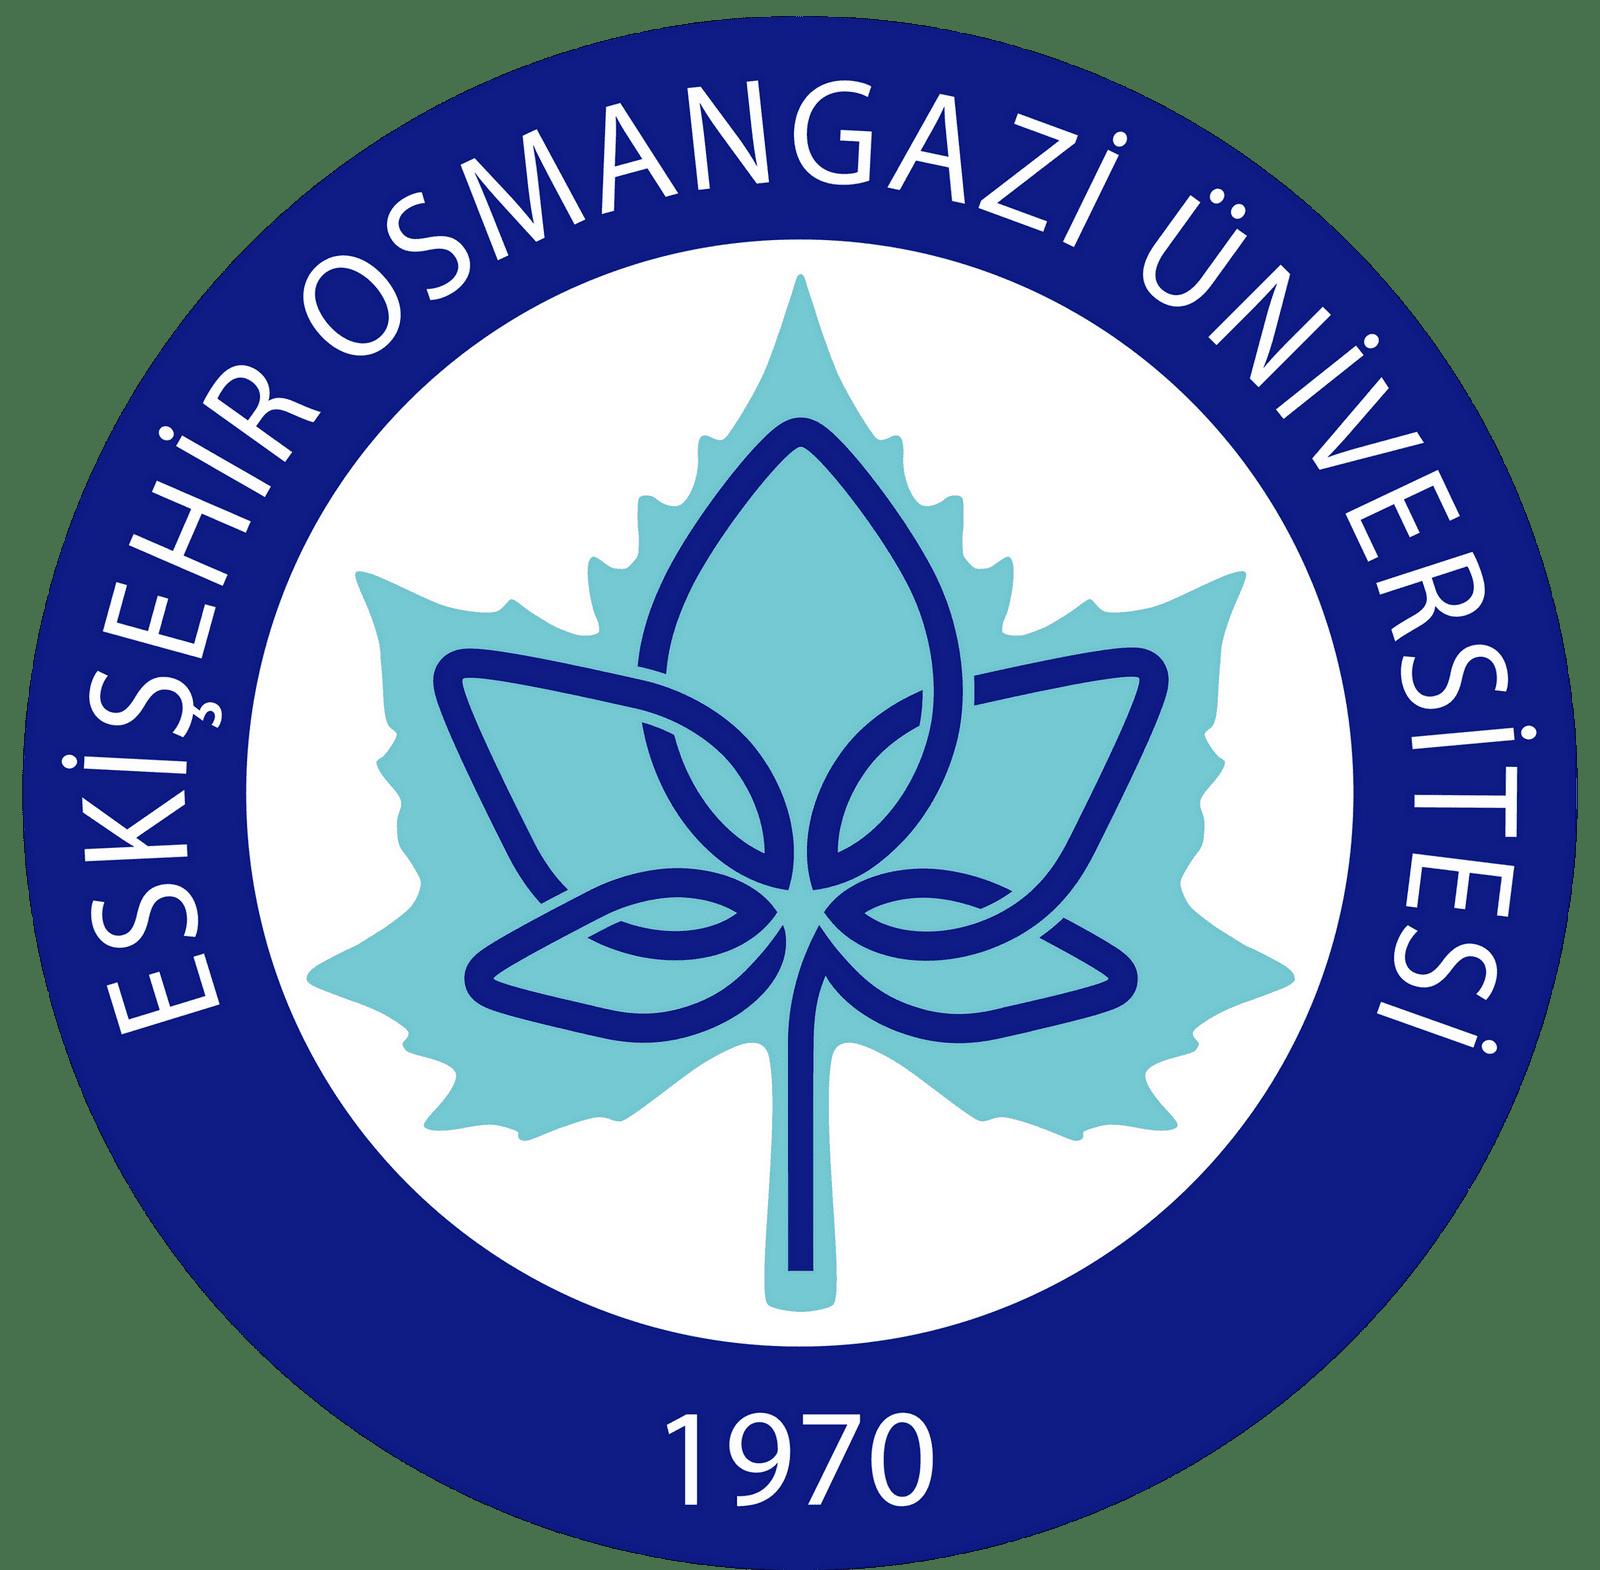 ESOGÜ – Eskişehir Osmangazi Üniversitesi Logo [ogu.edu.tr] png